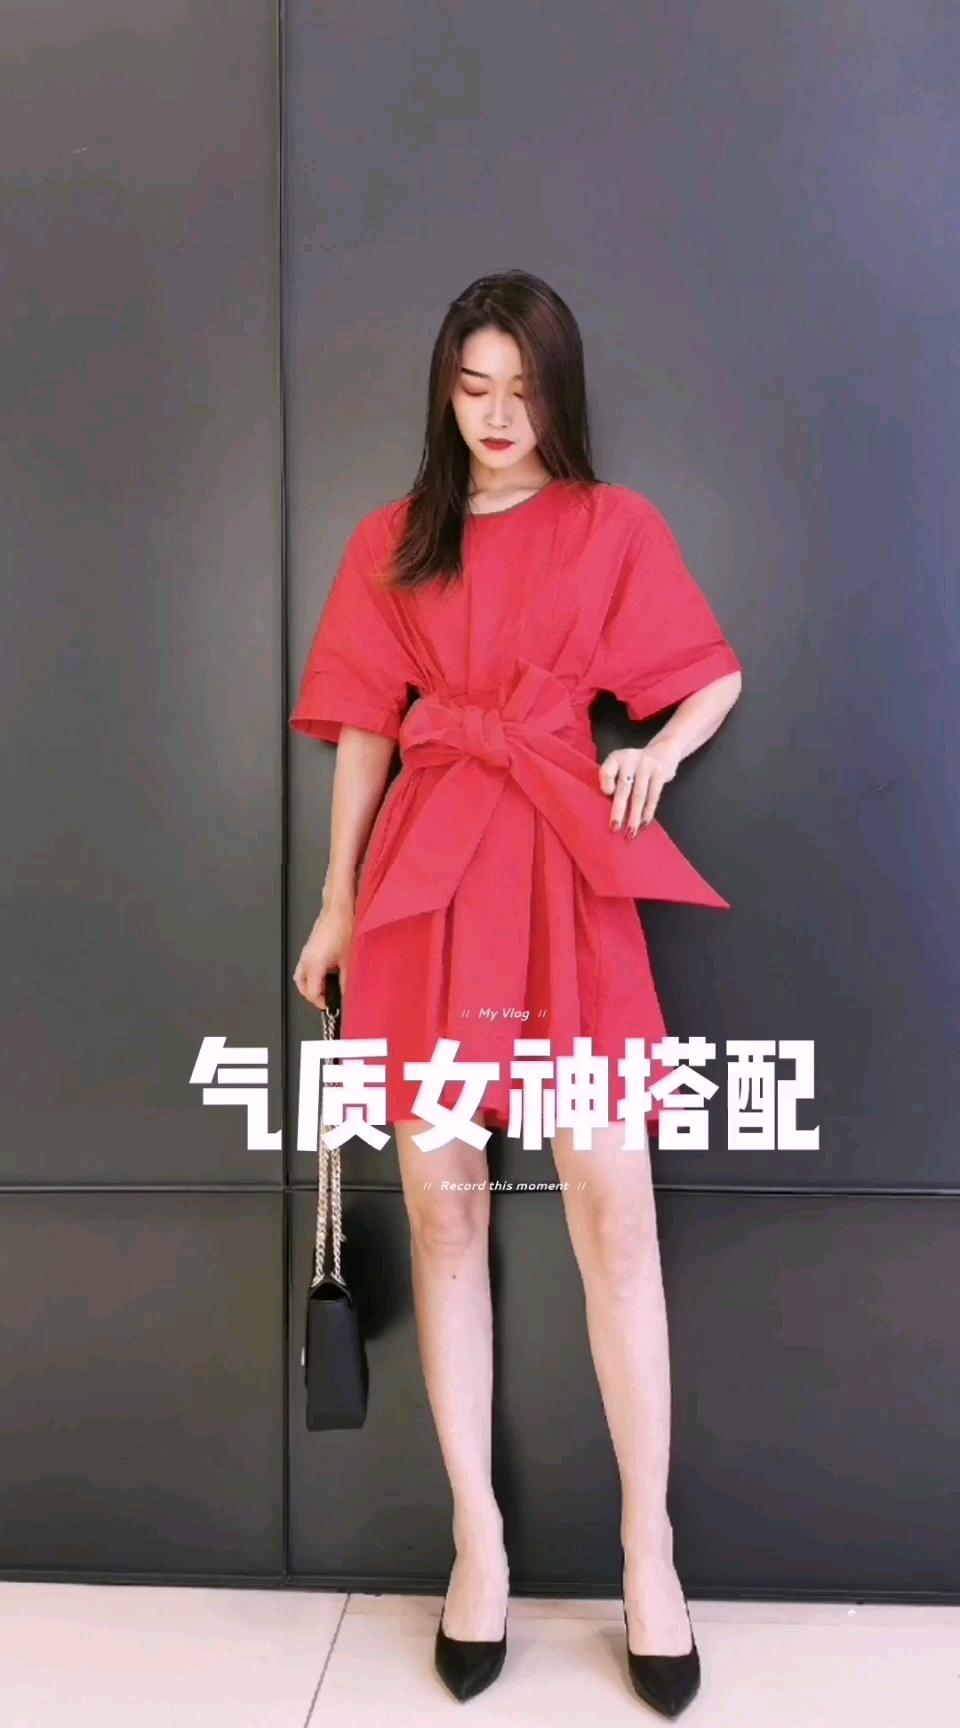 #您的十级瘦身裙纸,已发货!# 💃超级显瘦的衬衫连衣裙,红色最为经典,给人热情大气的印象。 本是宽松的设计,但是腰带的点缀一下让她有了灵魂,显瘦一百分!宽腰带扎成一个蝴蝶结🎀,中和了严肃感,也多了些设计感~  👠选择一双高跟鞋,搭配简约大气的包包,提升整体的气质感!